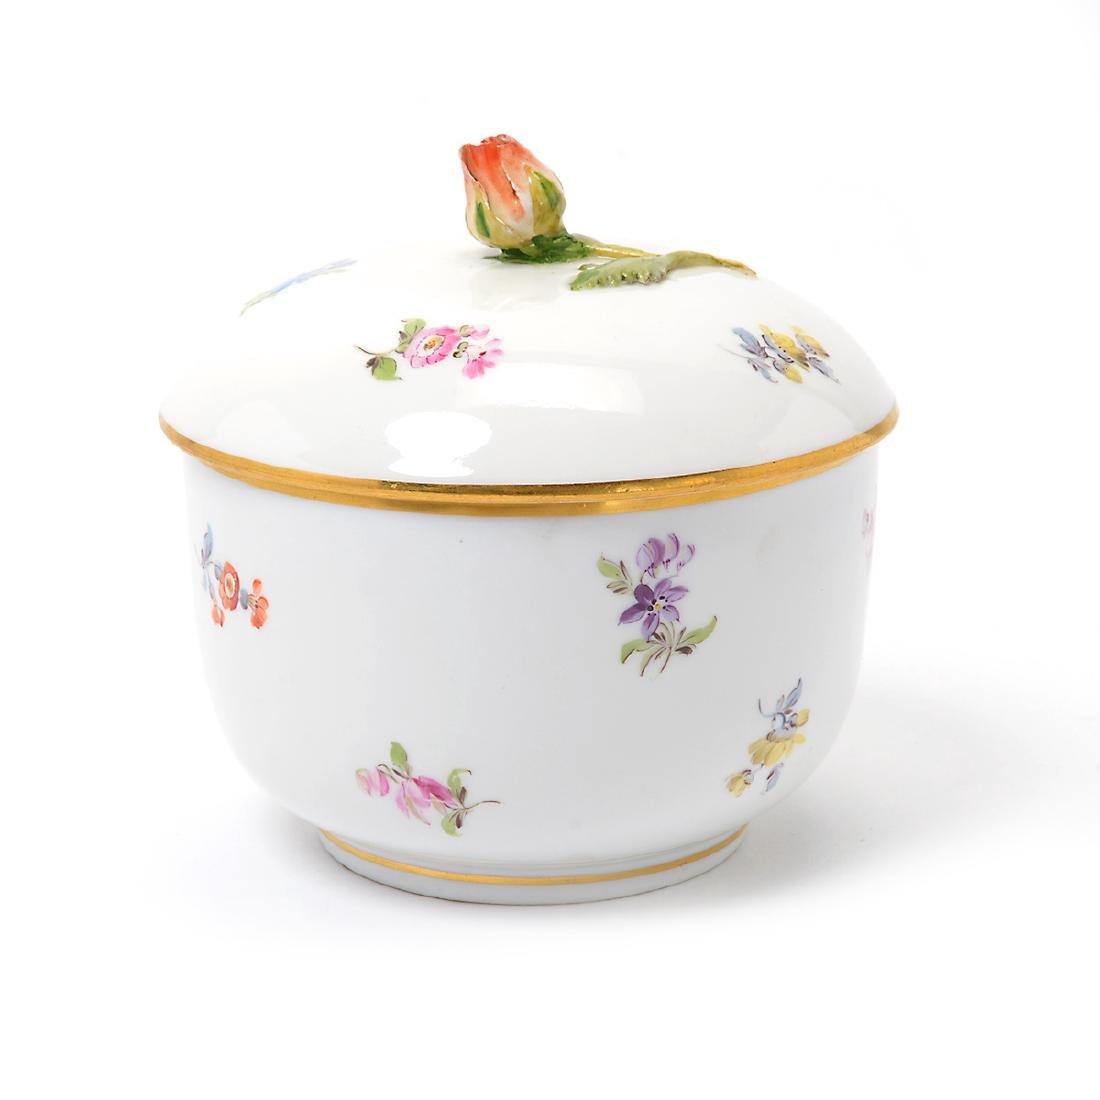 German Porcelain Bowl with Landscape Vignettes, 18th - 4